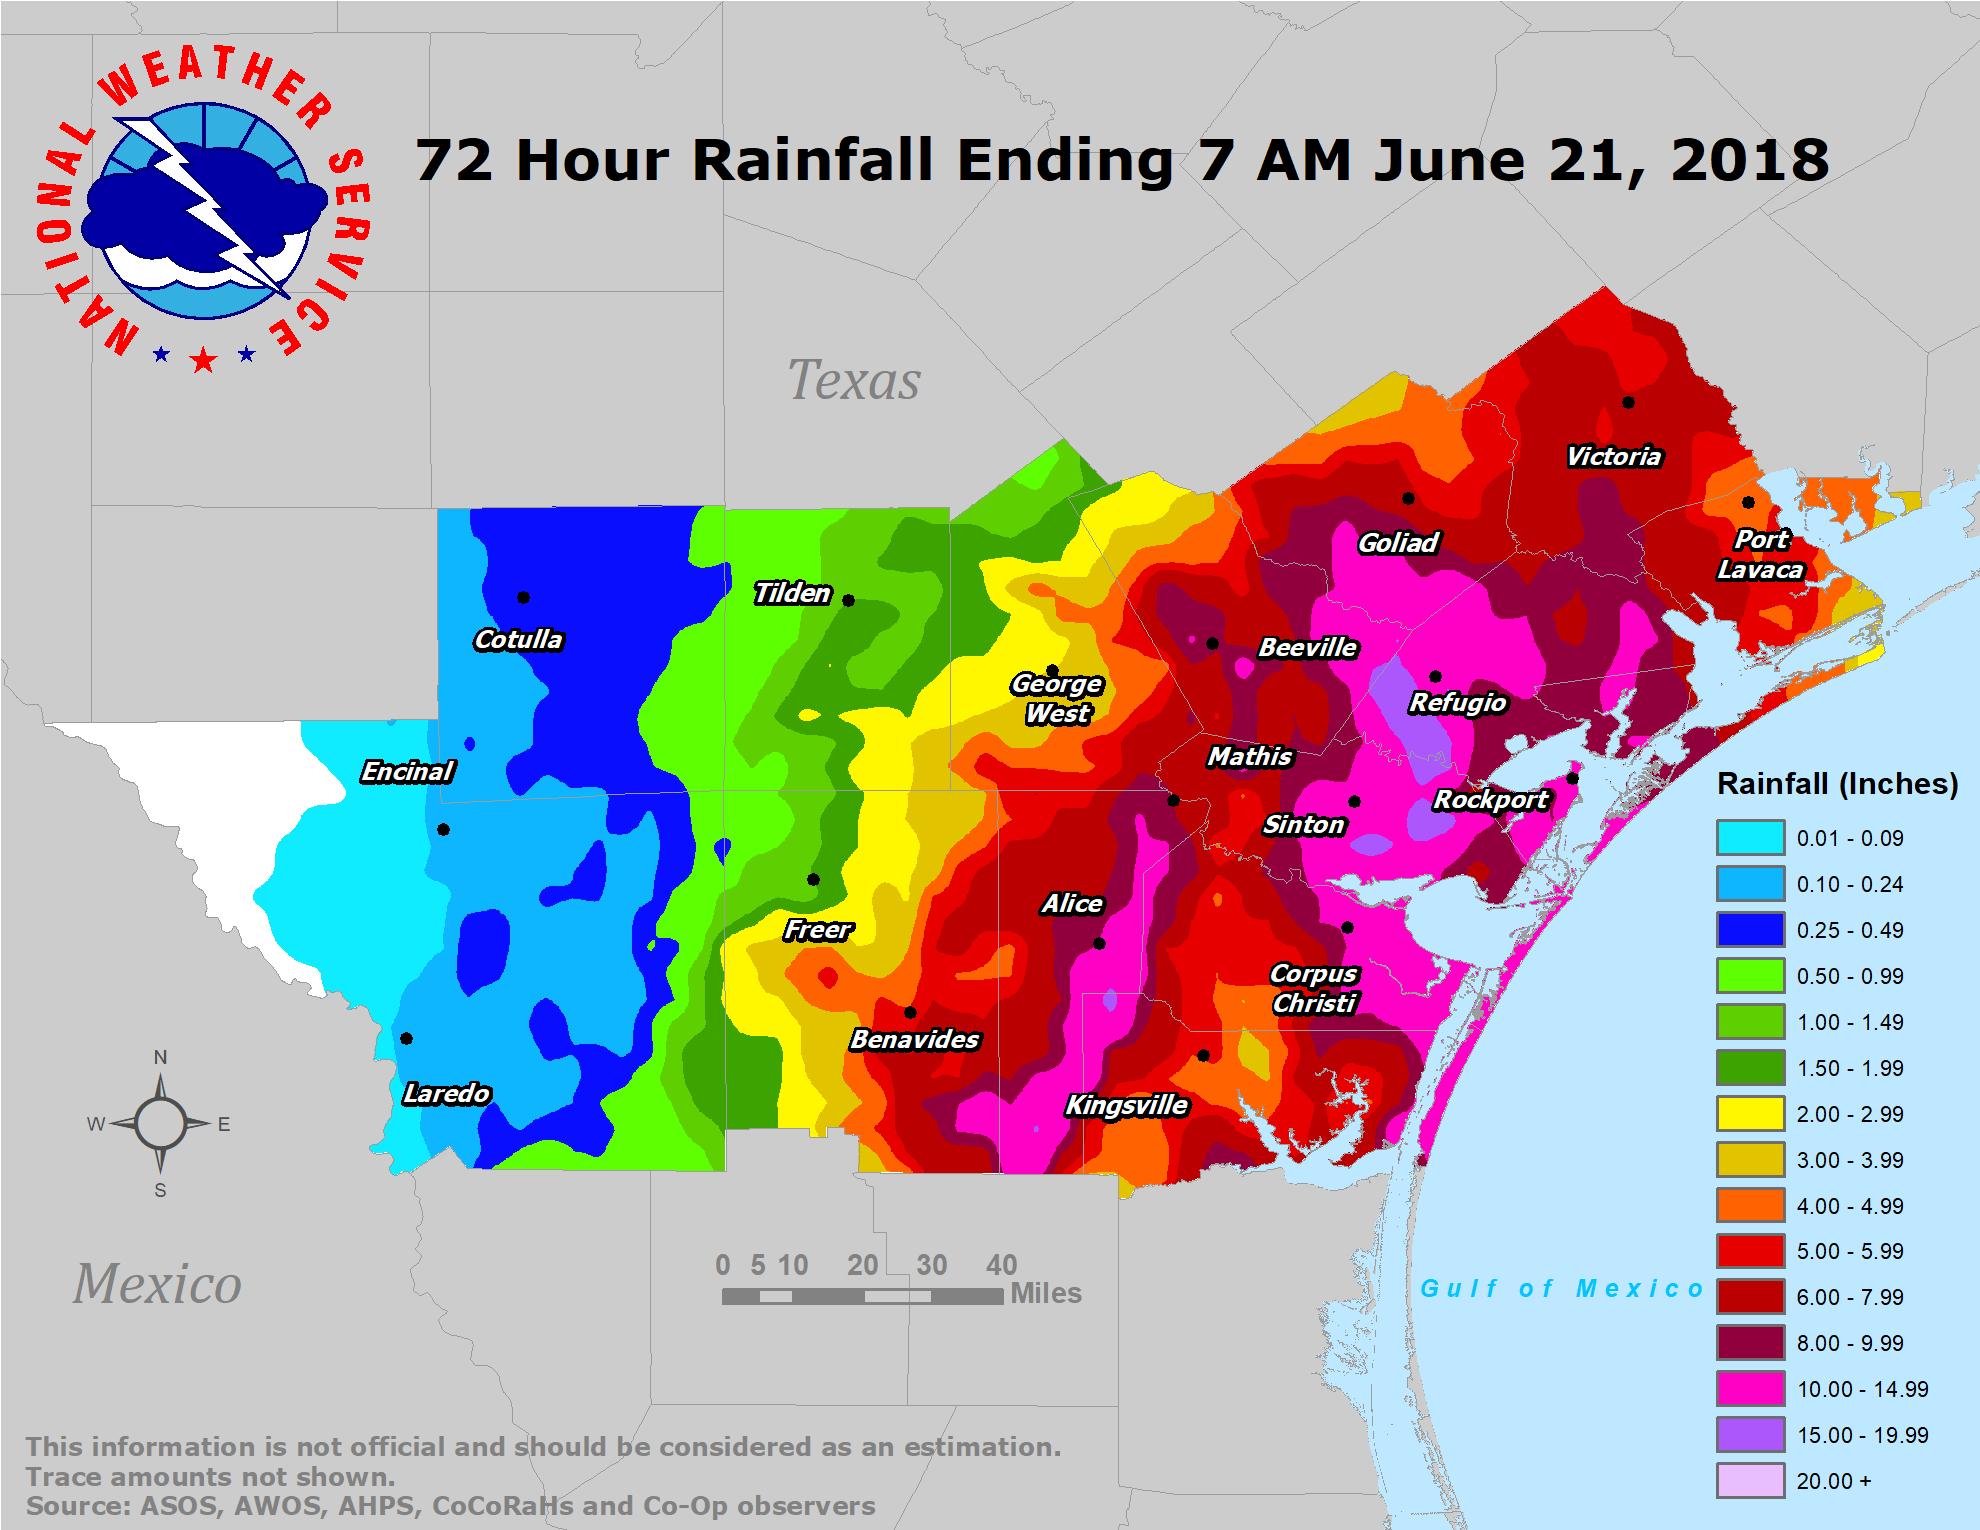 South Texas Heavy Rain And Flooding Event: June 18-21, 2018 - Texas Flood Map